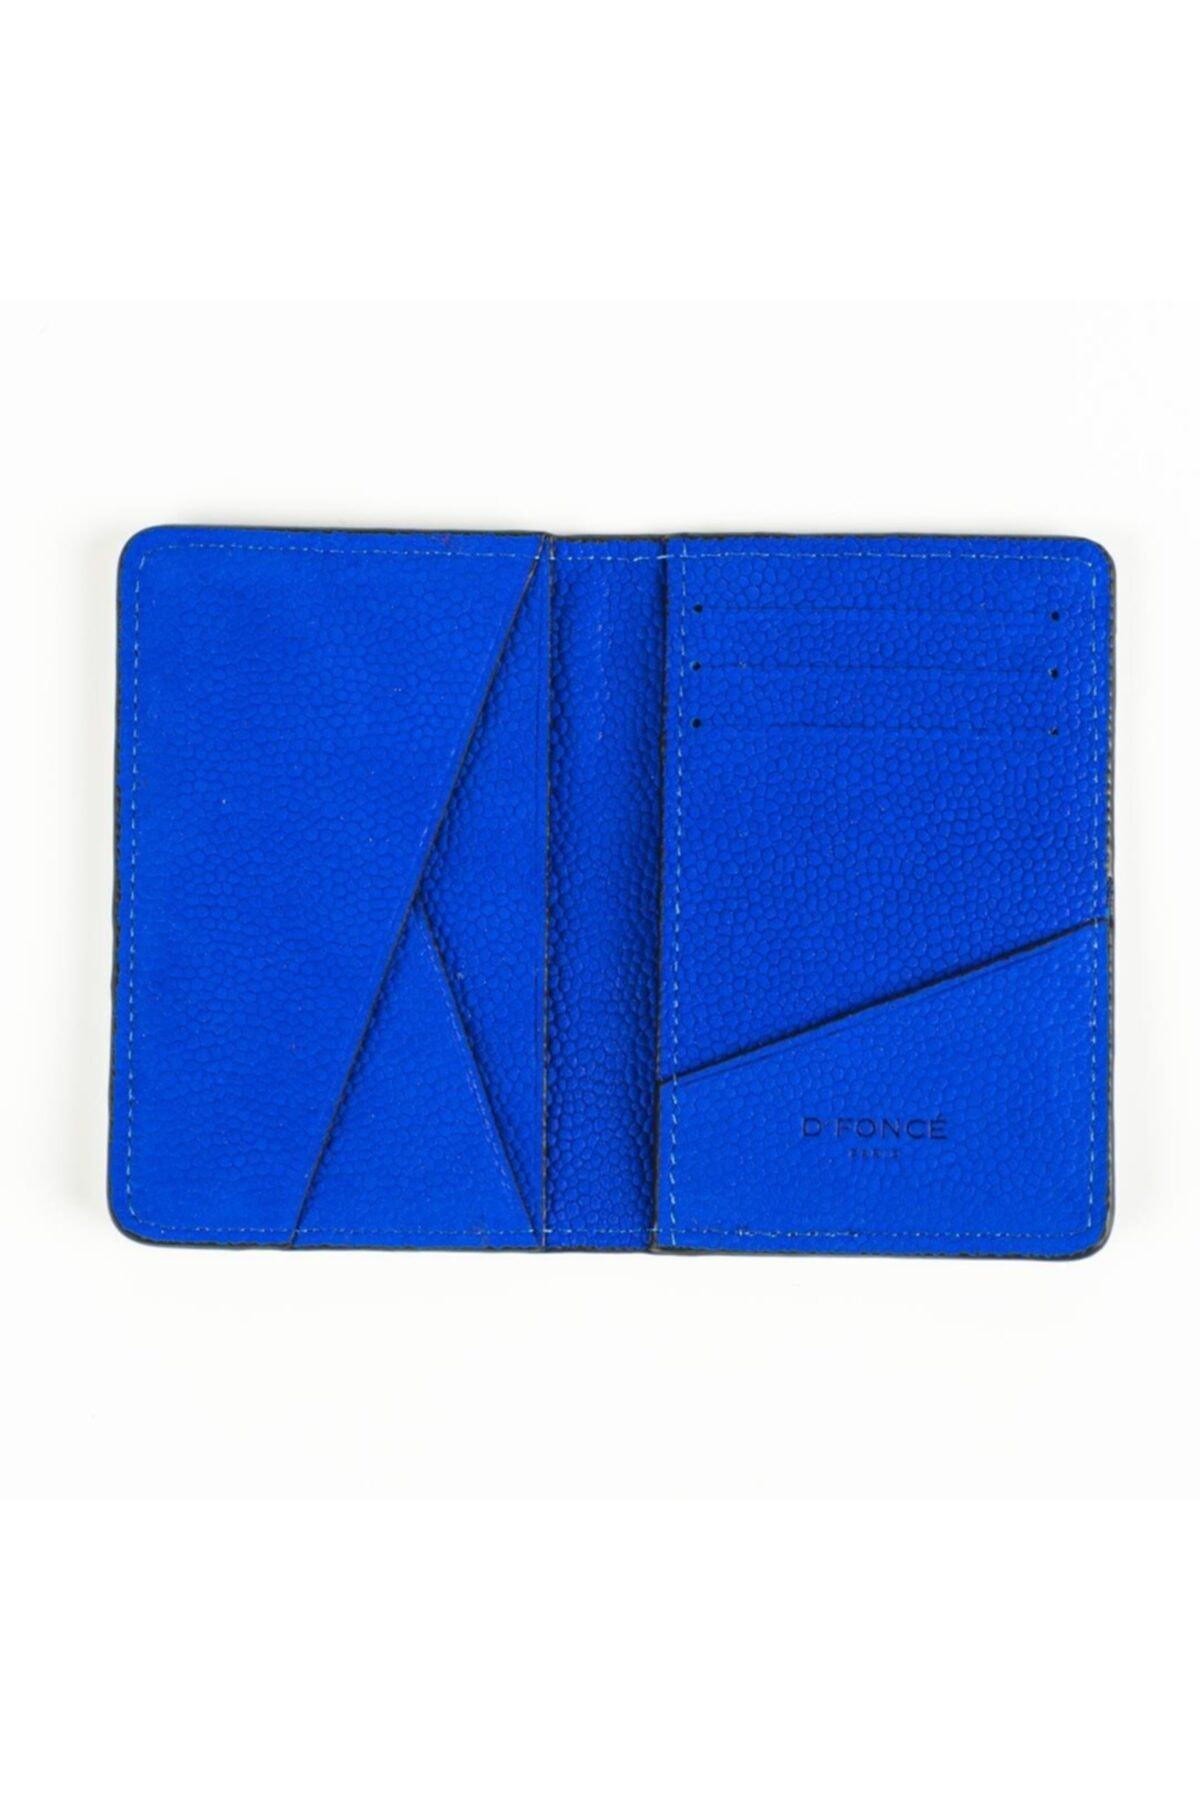 D'Foncé Erkek Mavi Dokulu Deri Cüzdan 1